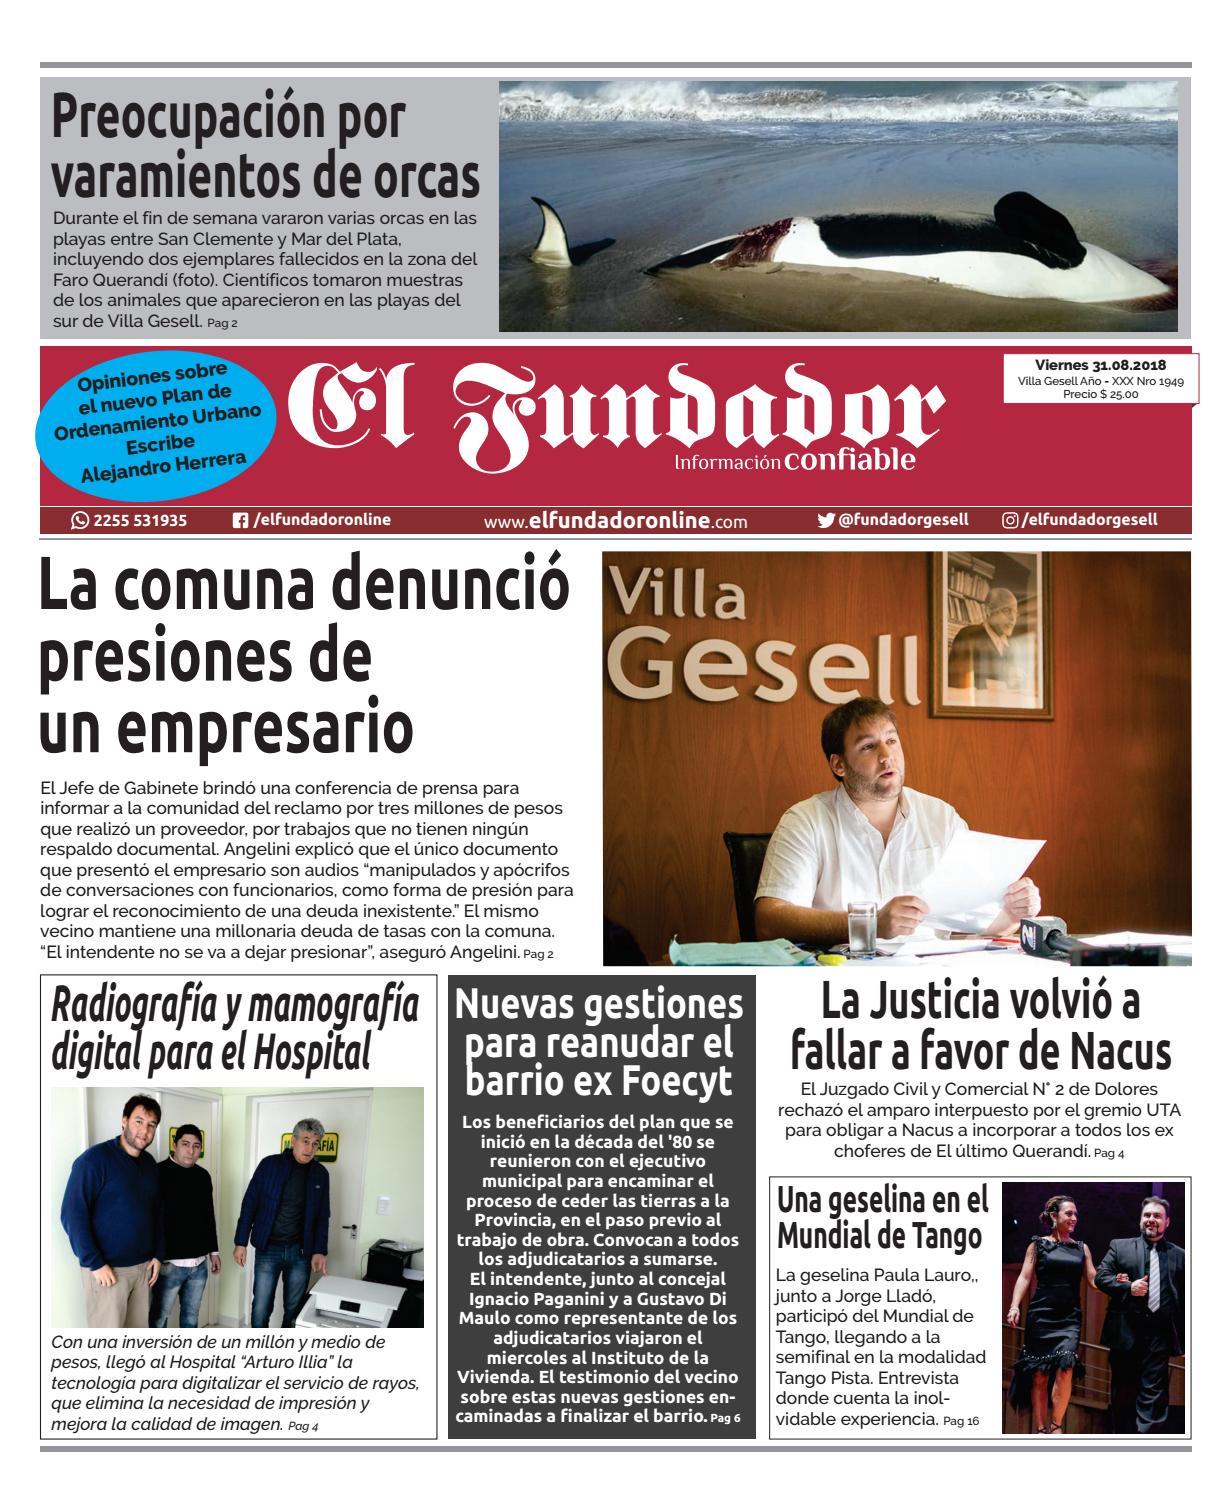 Semanario El Fundador, Edición 31/08/18 by El Fundador - issuu